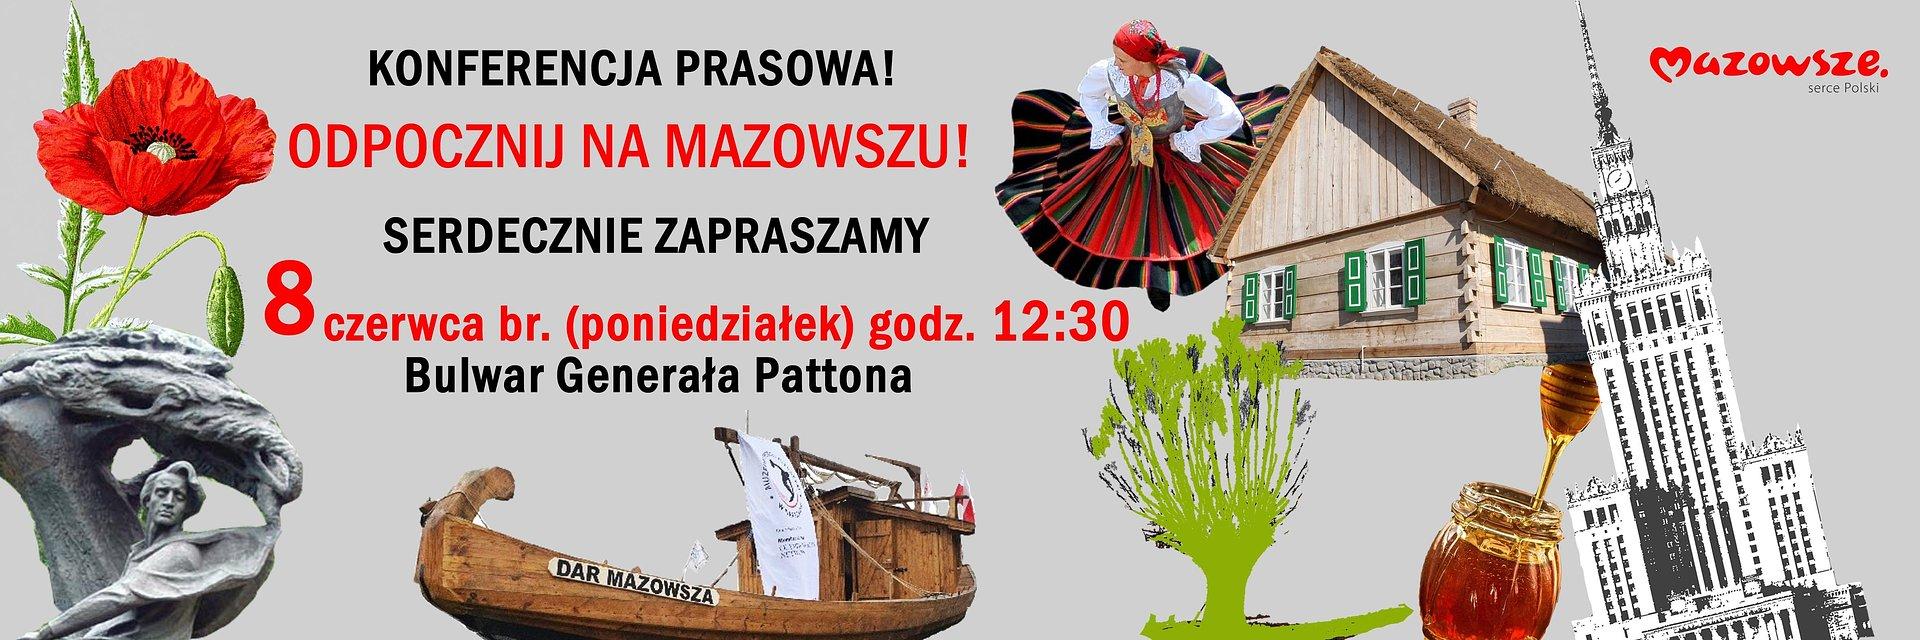 Odpocznij na Mazowszu - konferencja prasowa